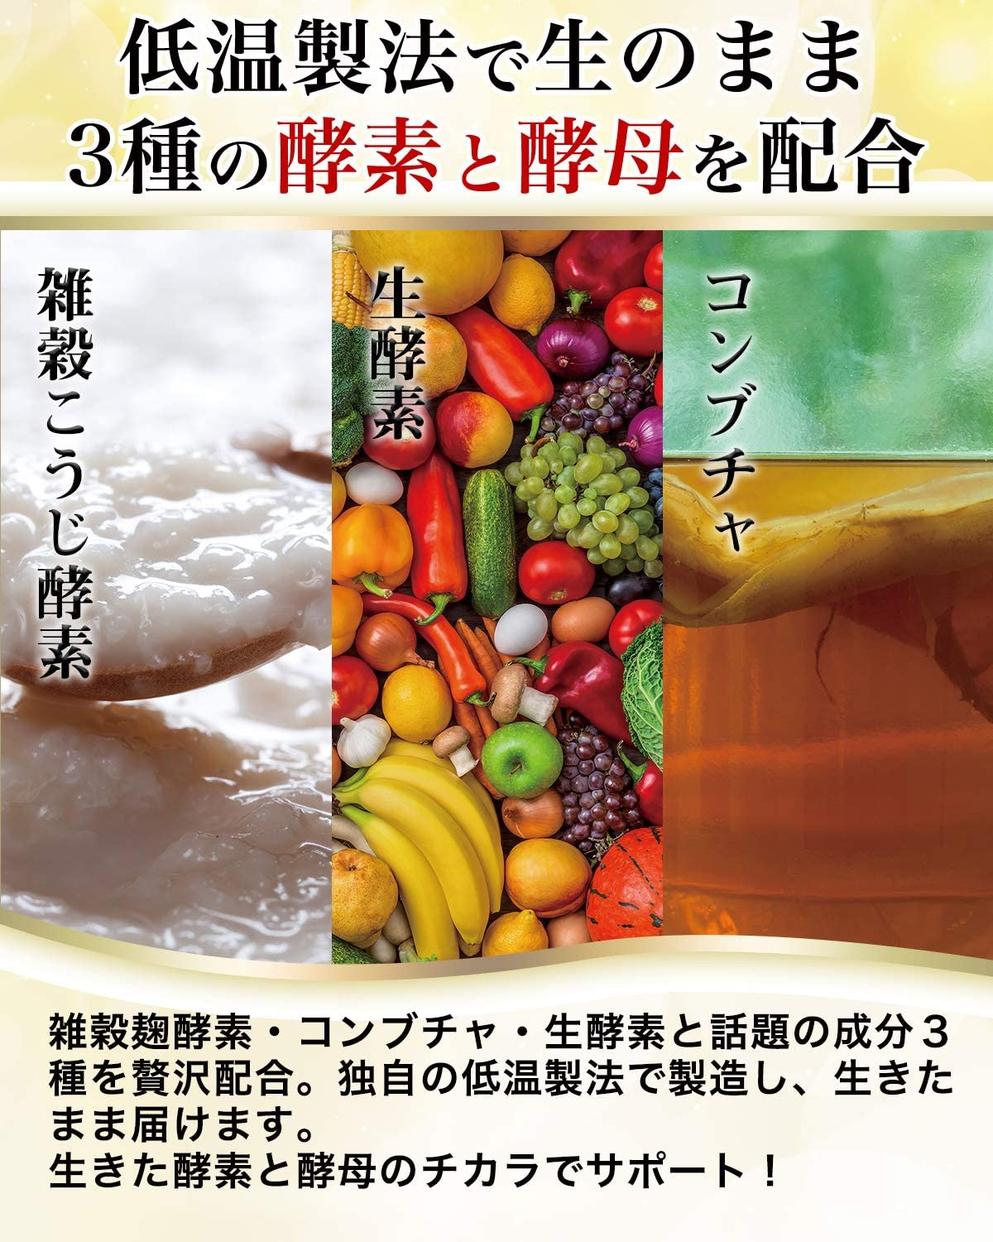 腸活革命(チョウカツカクメイ) 腸活革命の商品画像4